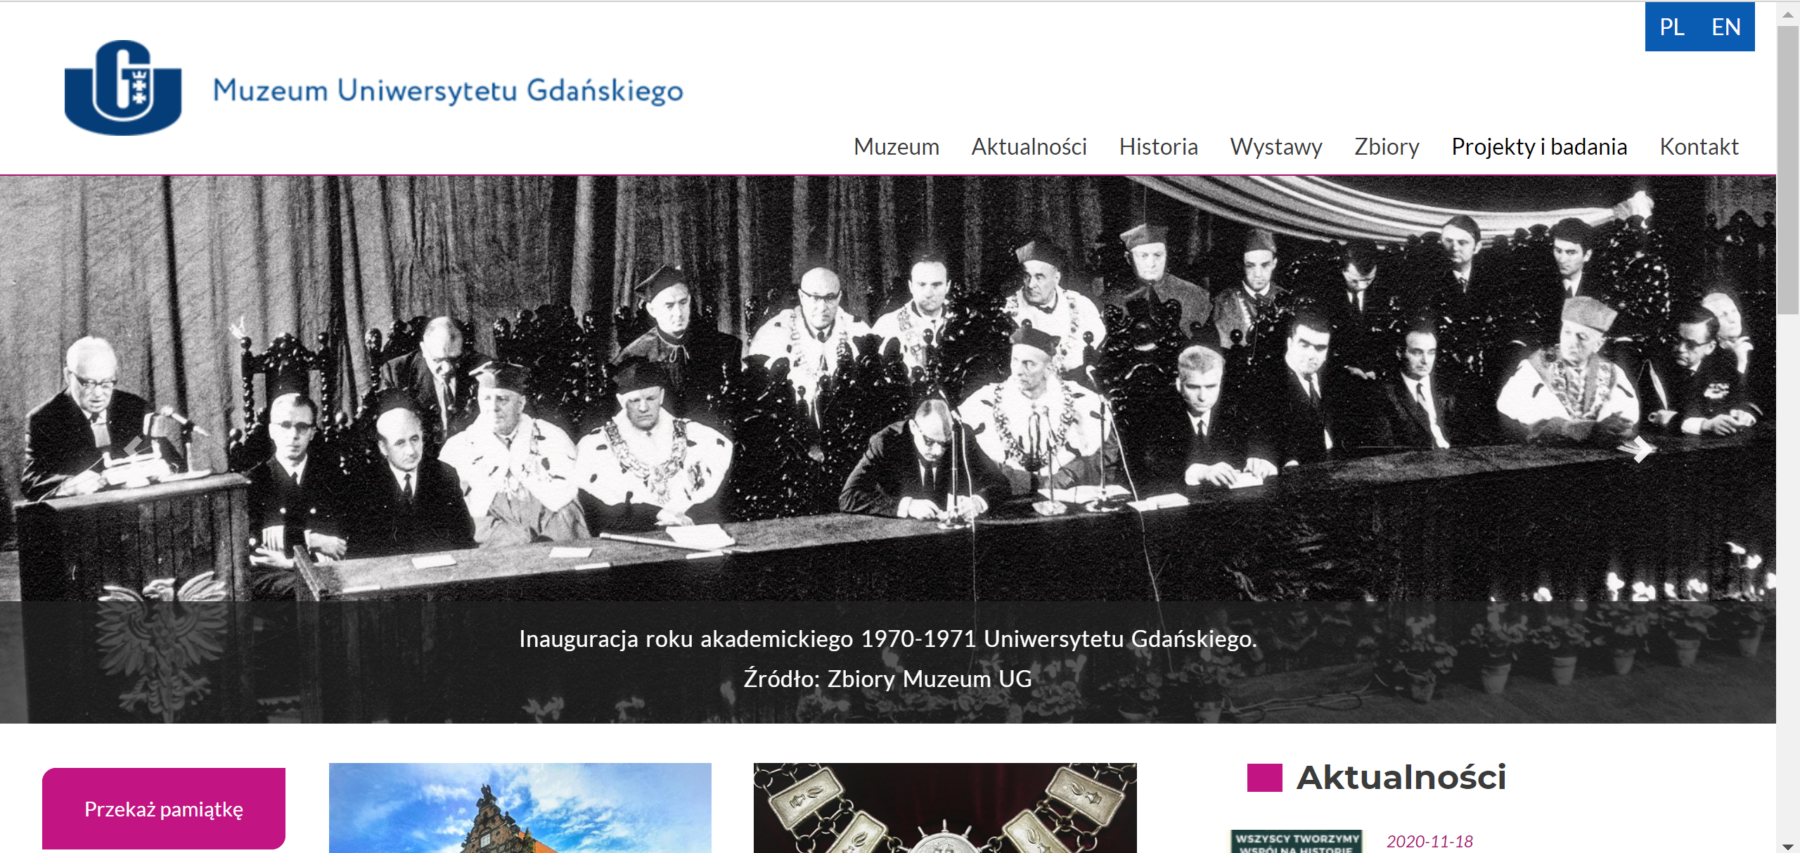 Nowa strona internetowa Muzeum Uniwersytetu Gdańskiego